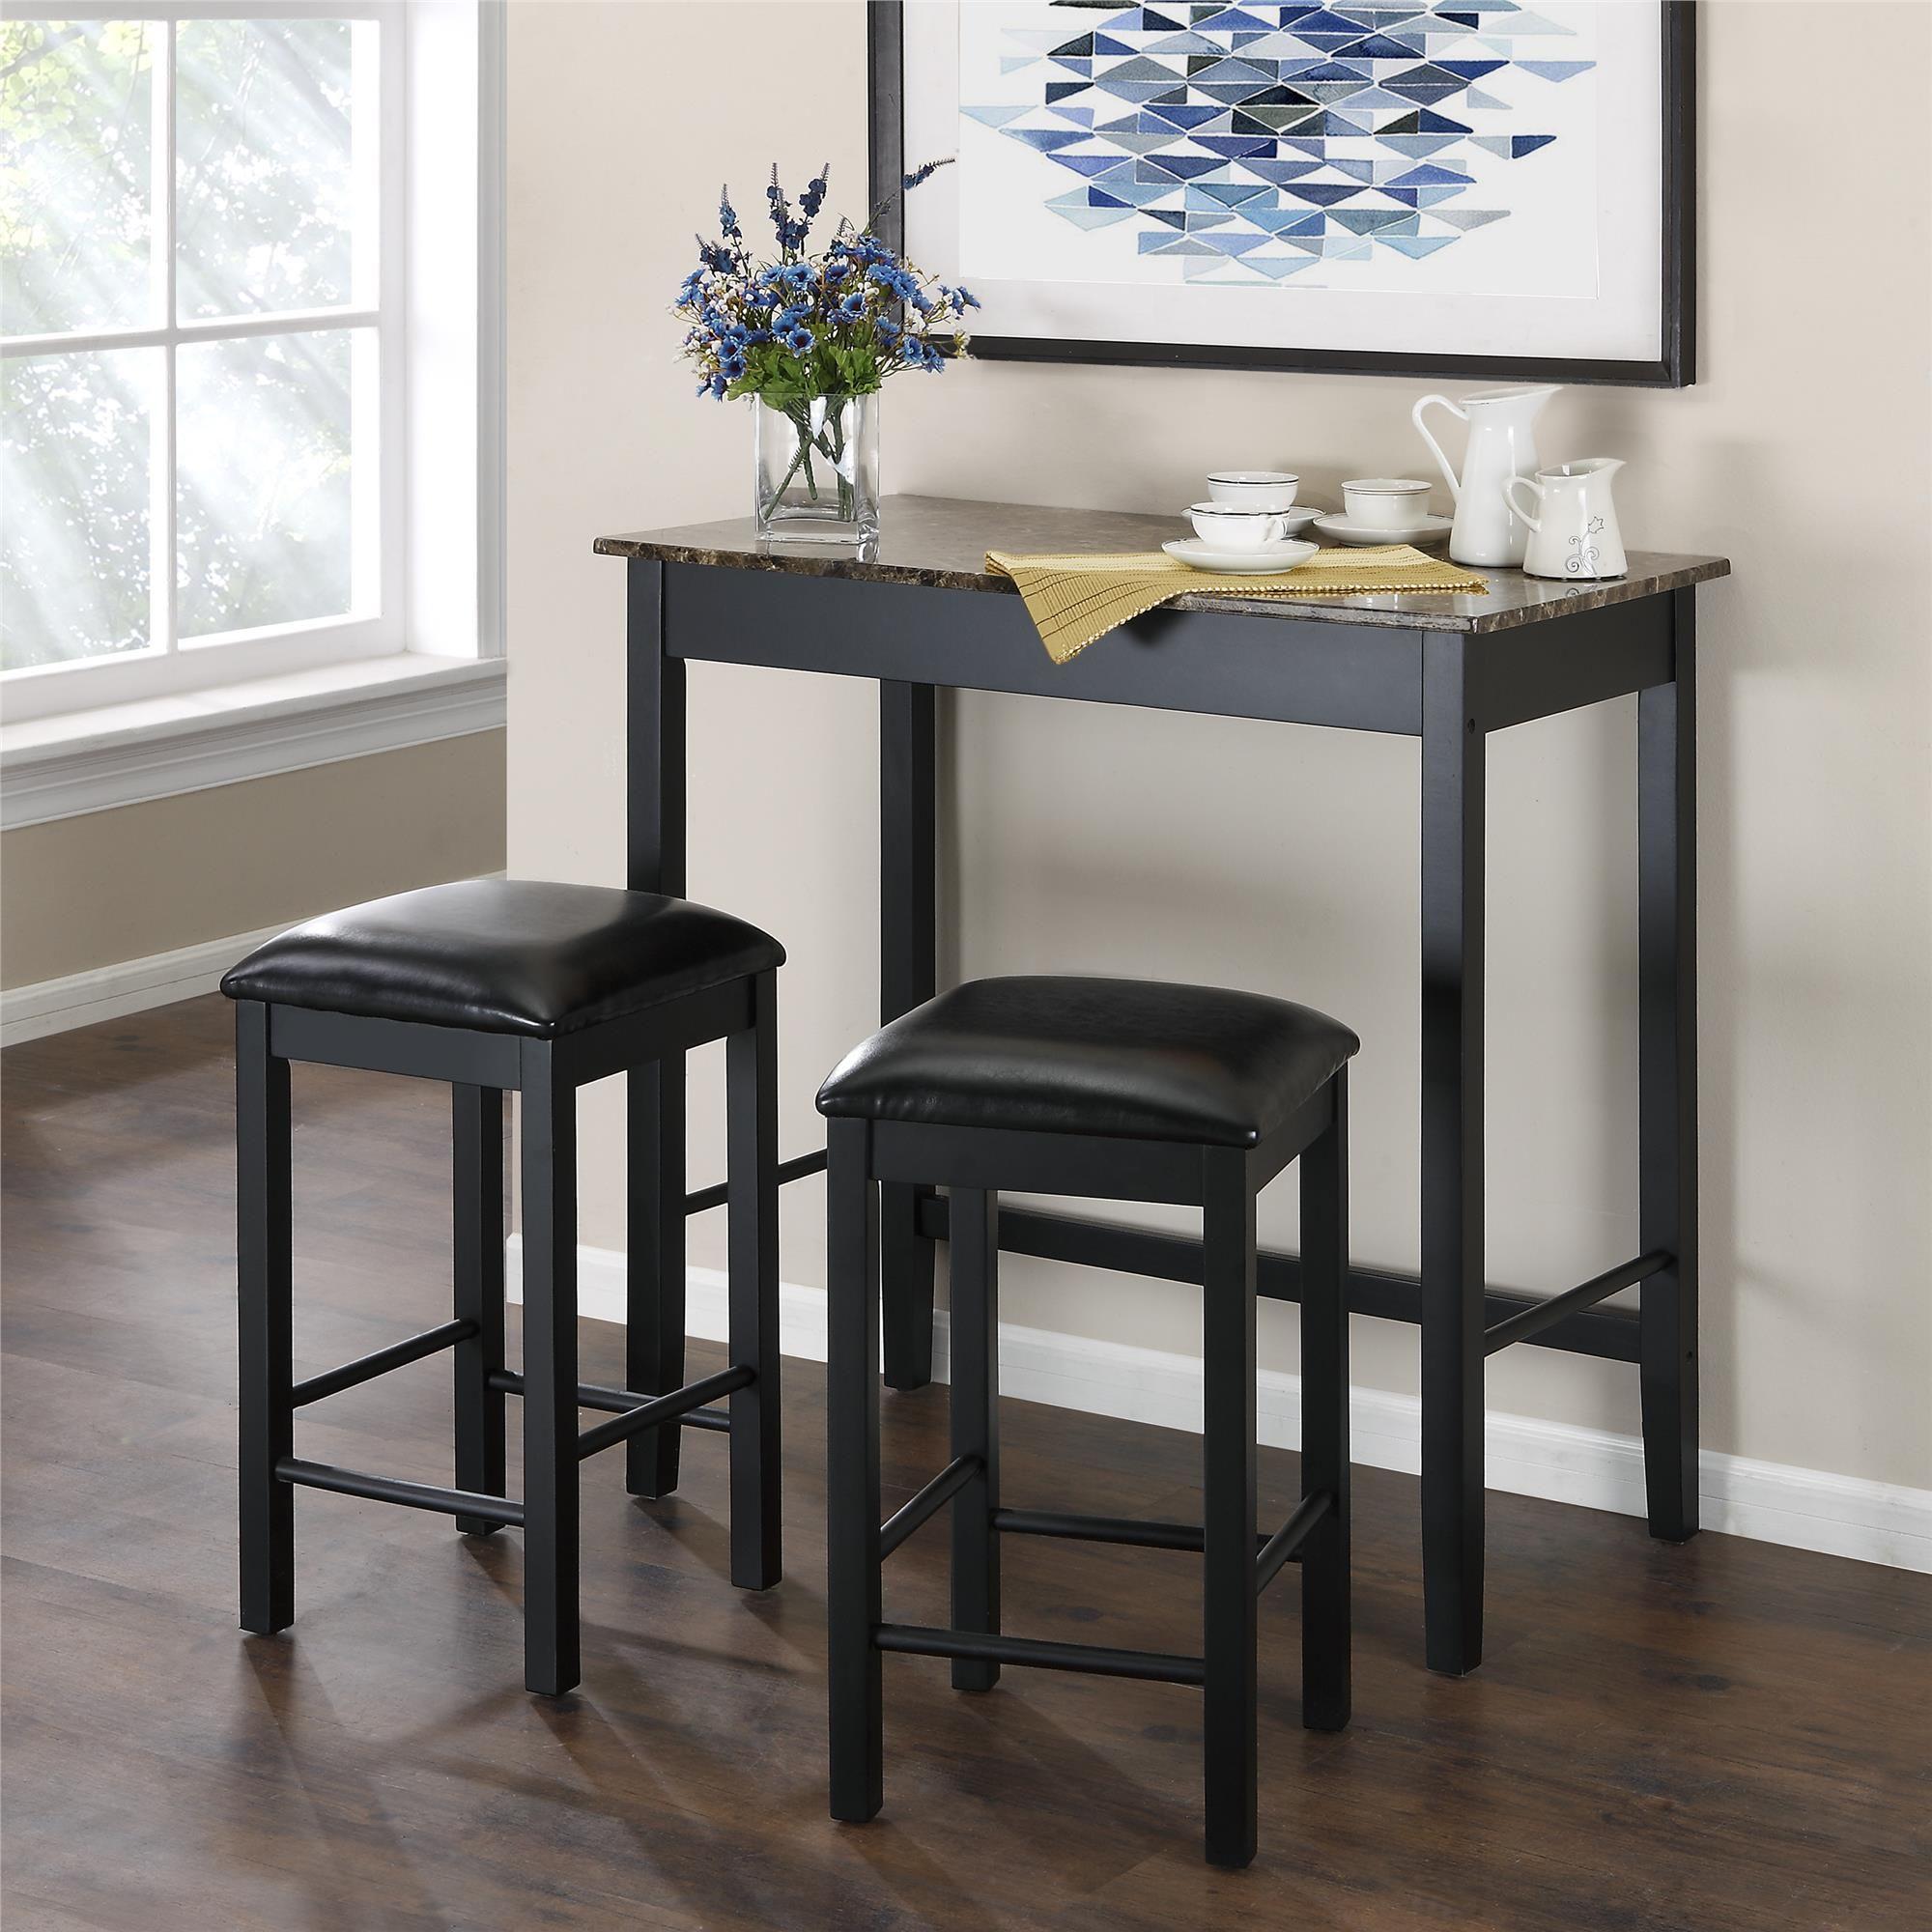 Bar Tisch Hocker Küche tisch, Esszimmer möbel und